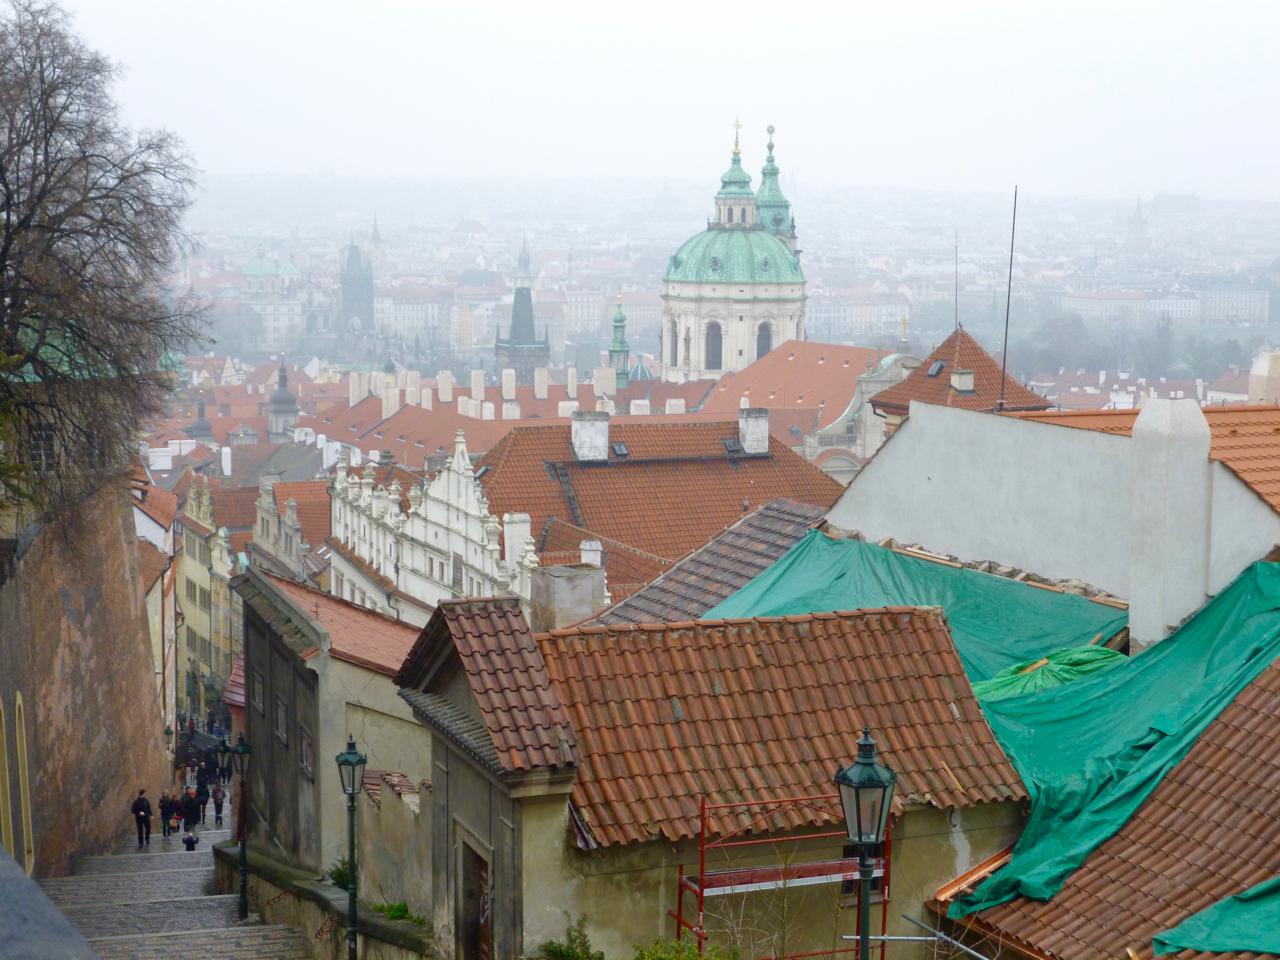 Prague Cityscape Shrouded in Fog